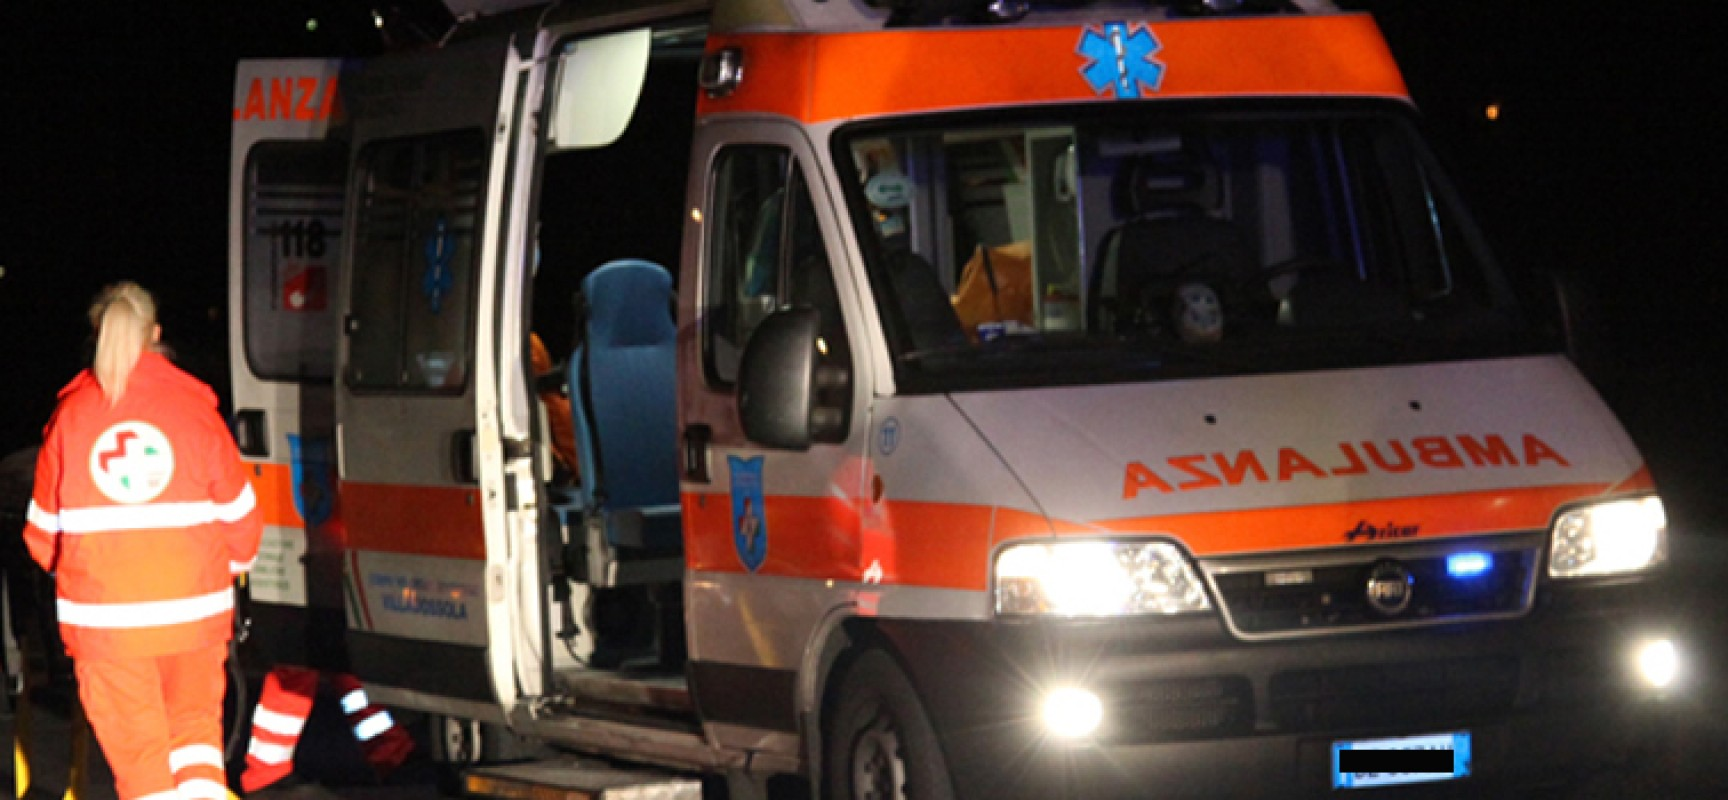 Impatto auto-moto in via sant'Andrea, centauro in ospedale